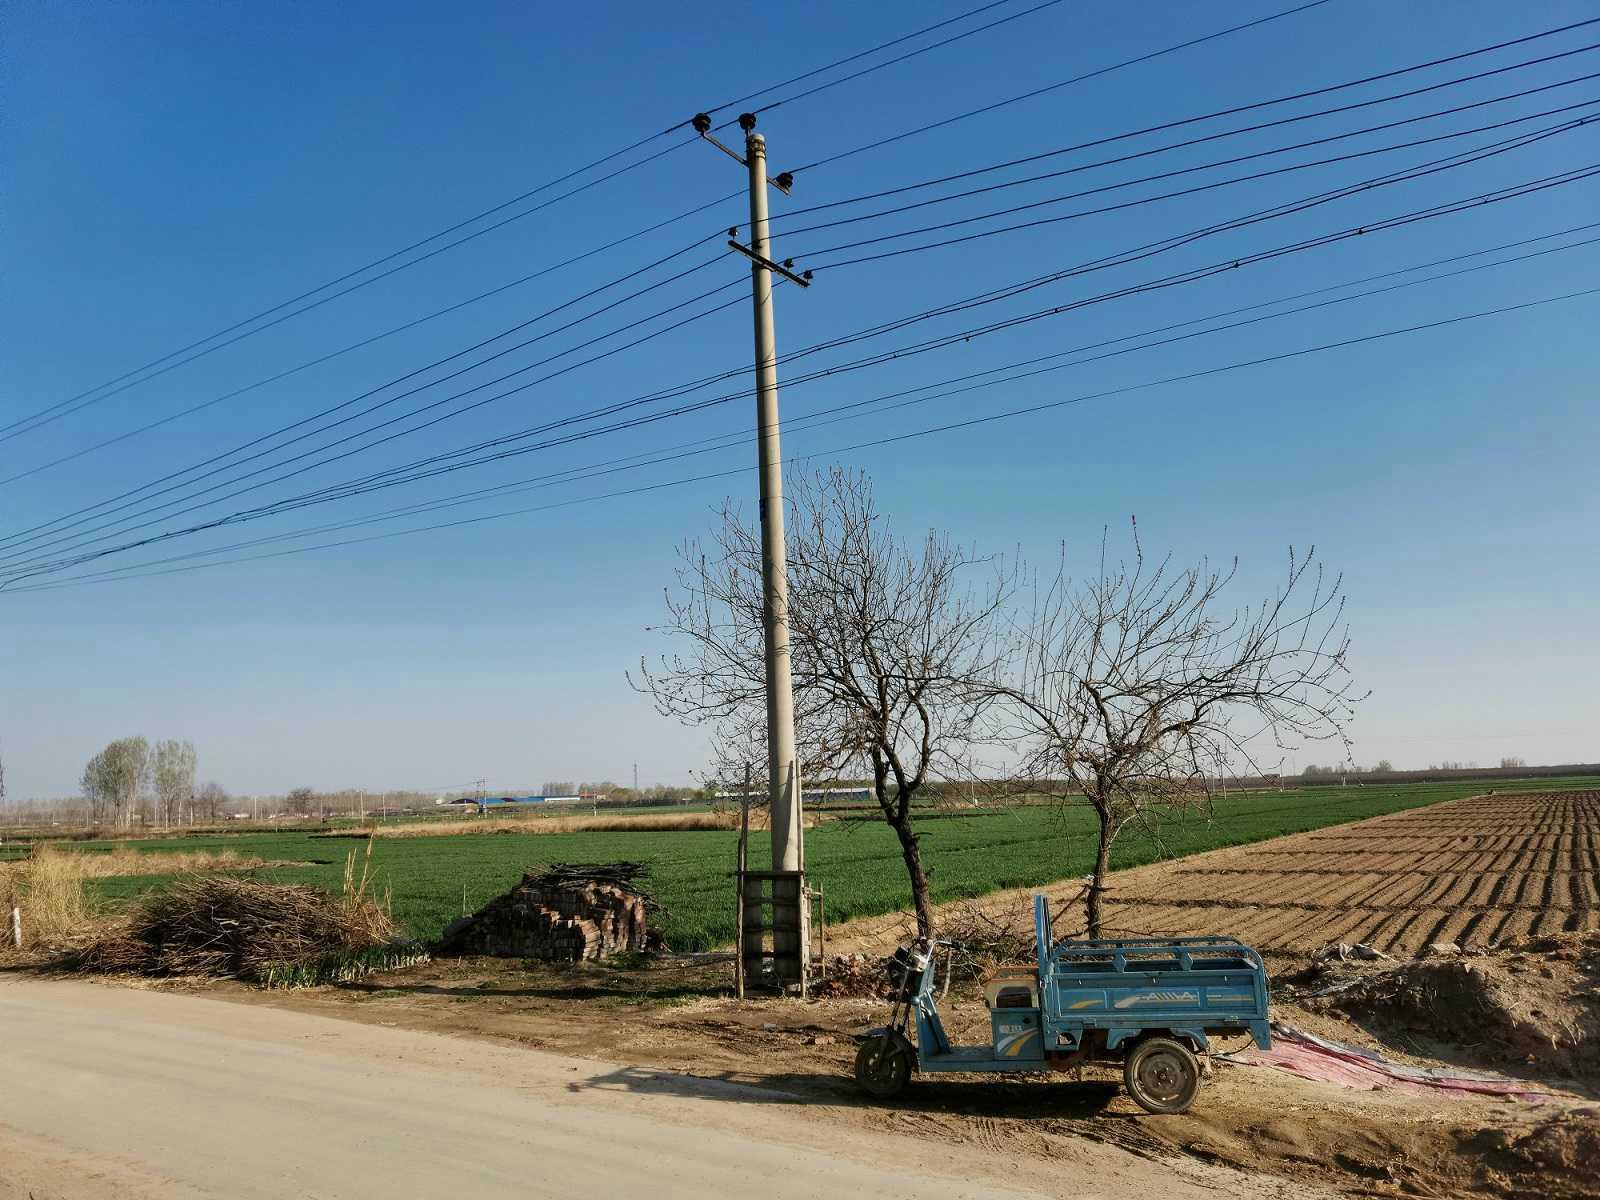 【摄影图片】美丽的乡村田野